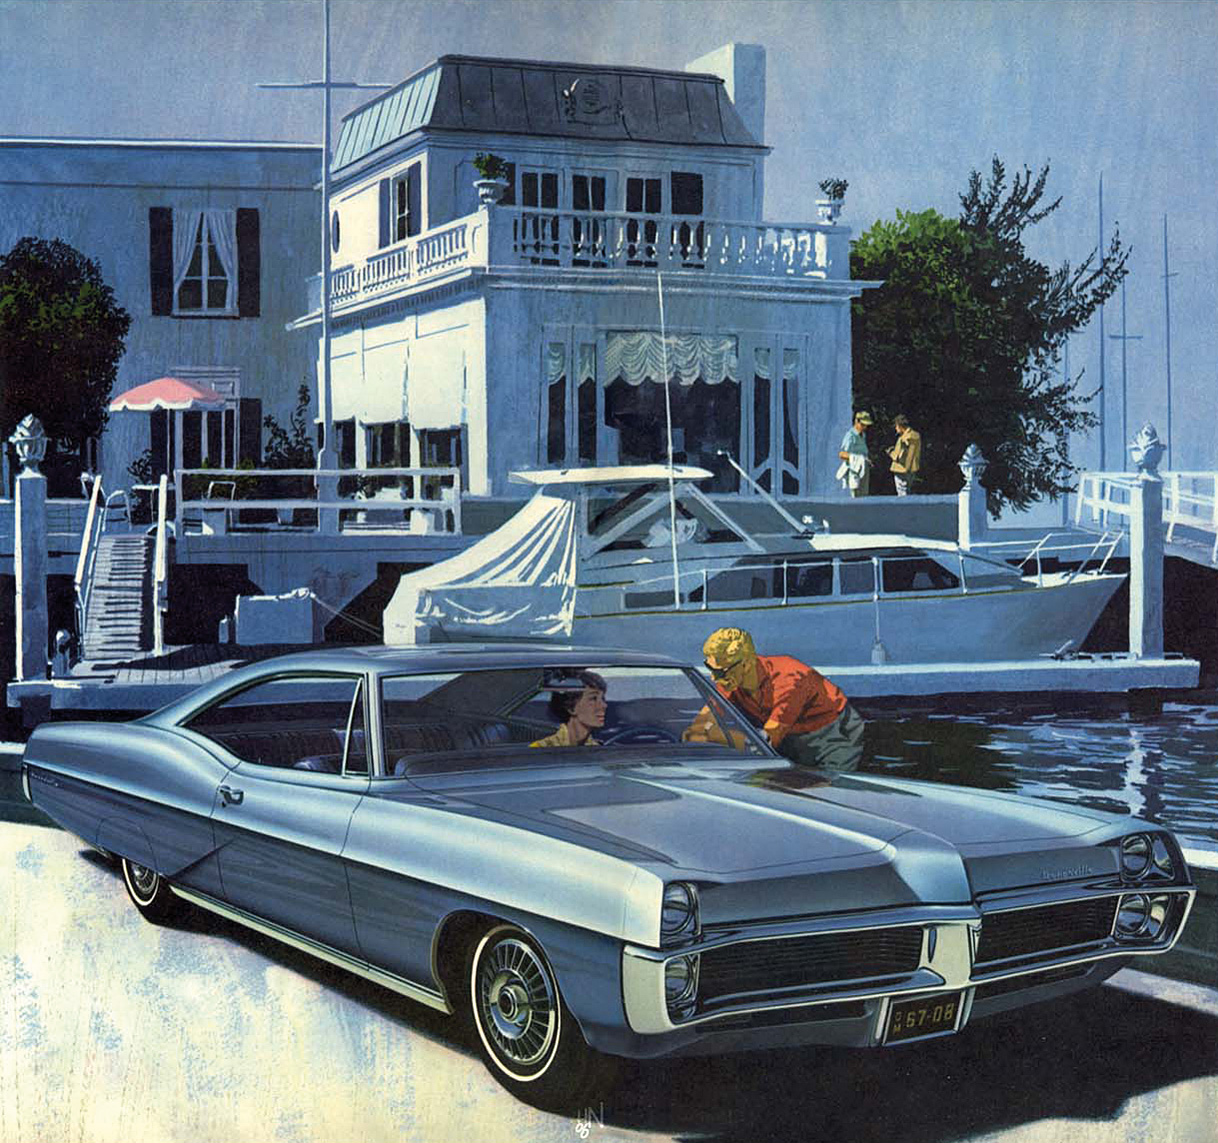 Pontiac hadde et sterkt modellutvalg på slutten av sekstitallet, her en 1967 Bonneville.